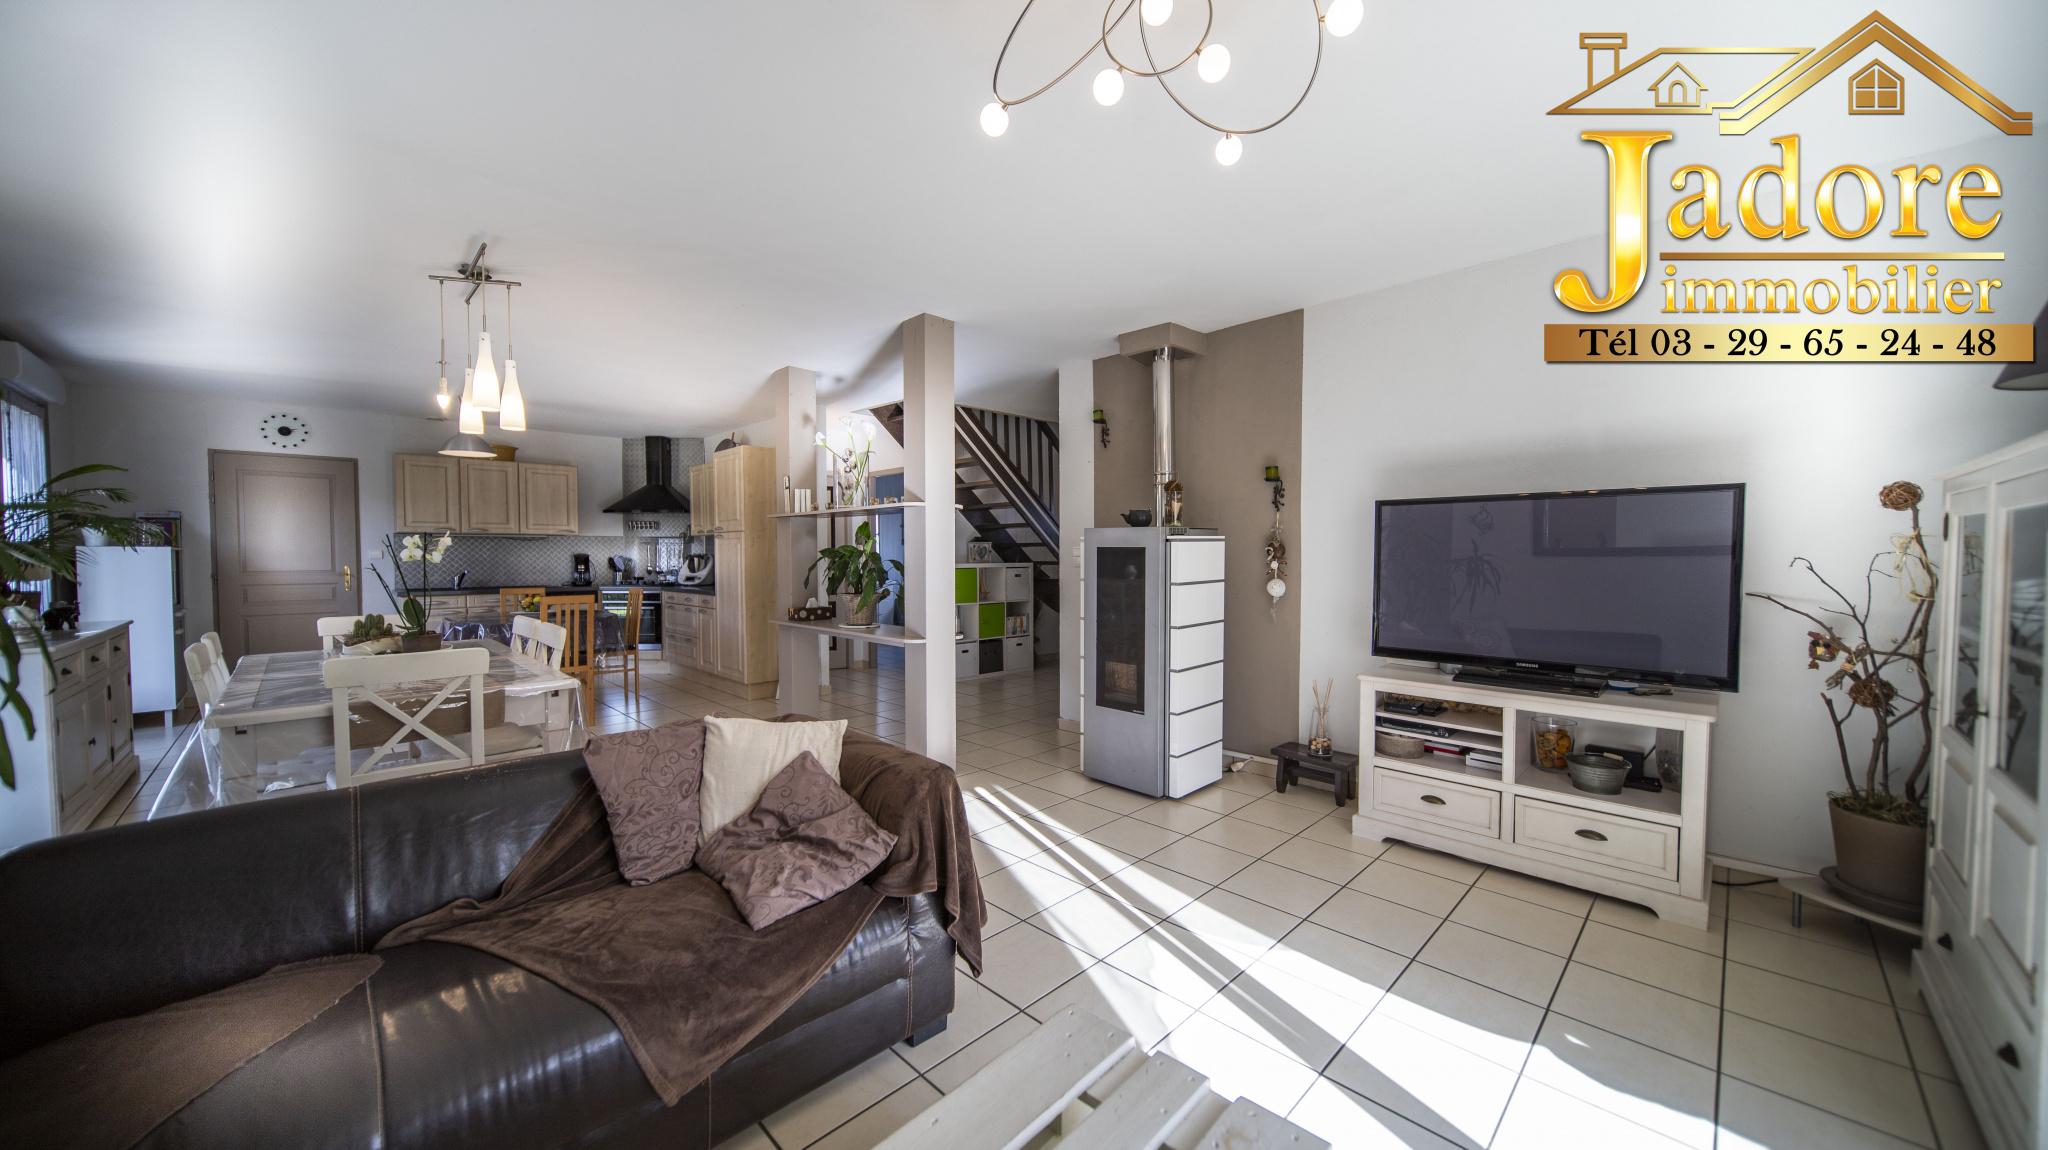 maison/villa à vendre nompatelize